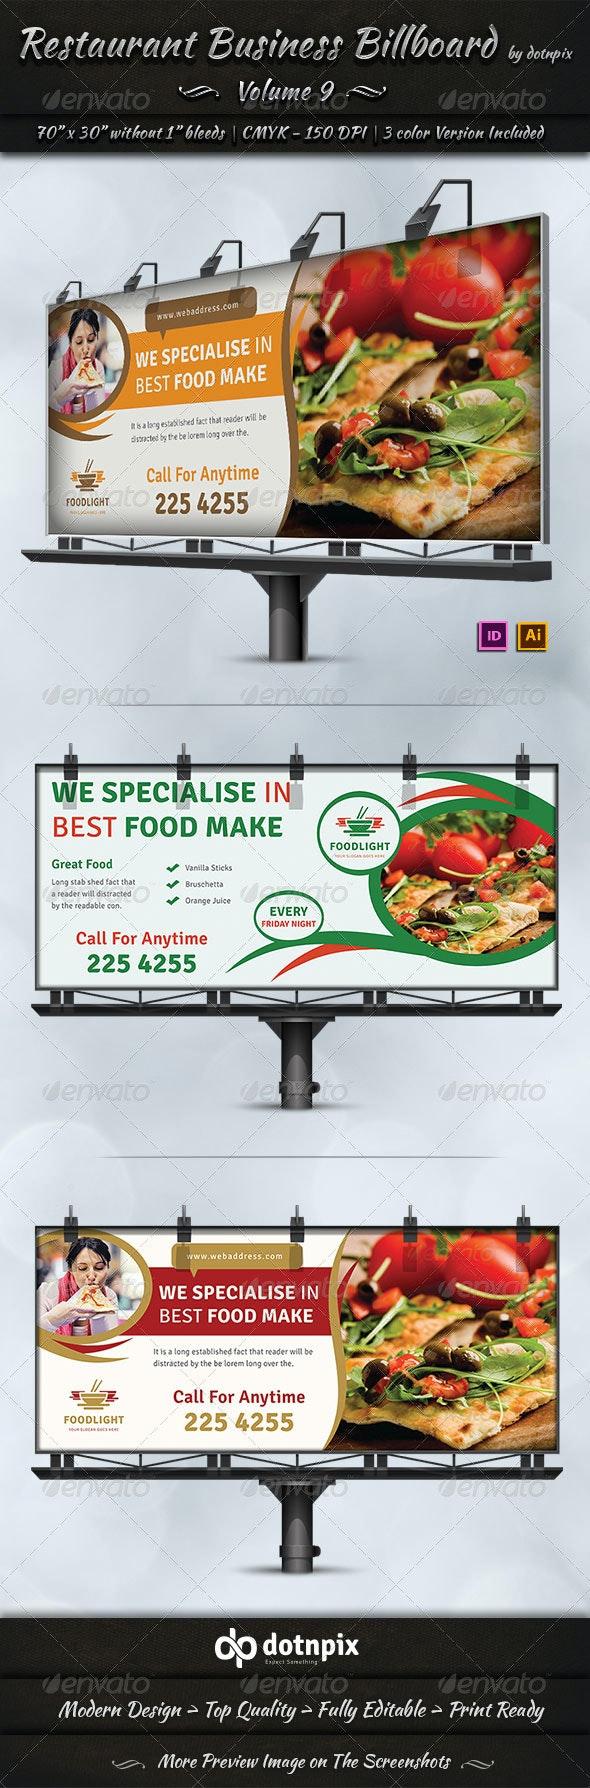 Restaurant Business Billboard   Volume 9